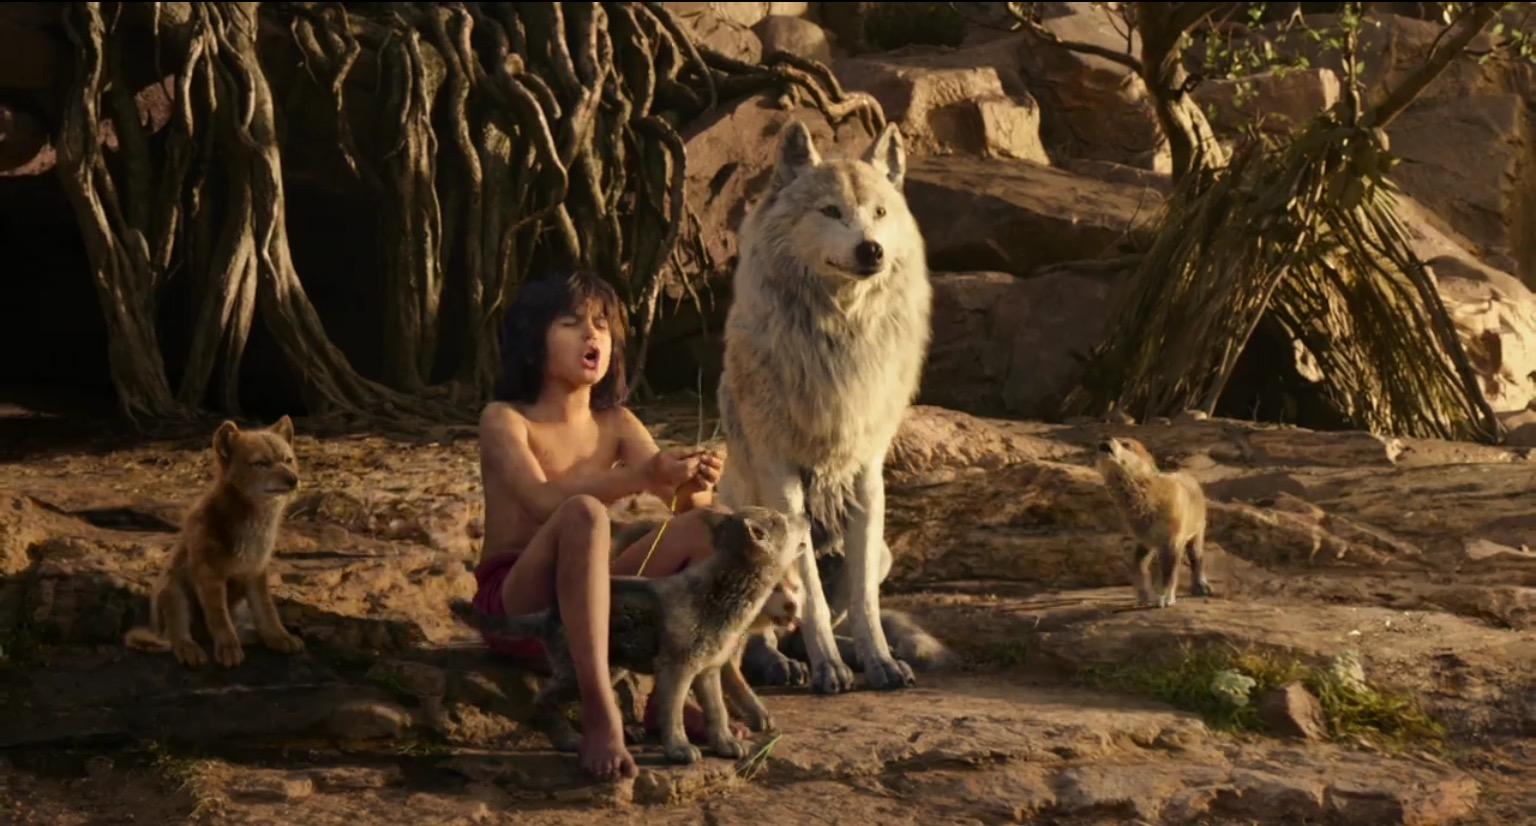 دانلود انیمیشن زیبای The Jungle Book - دانلود انیمیشن زیبای The Jungle Book دوبله فارسی